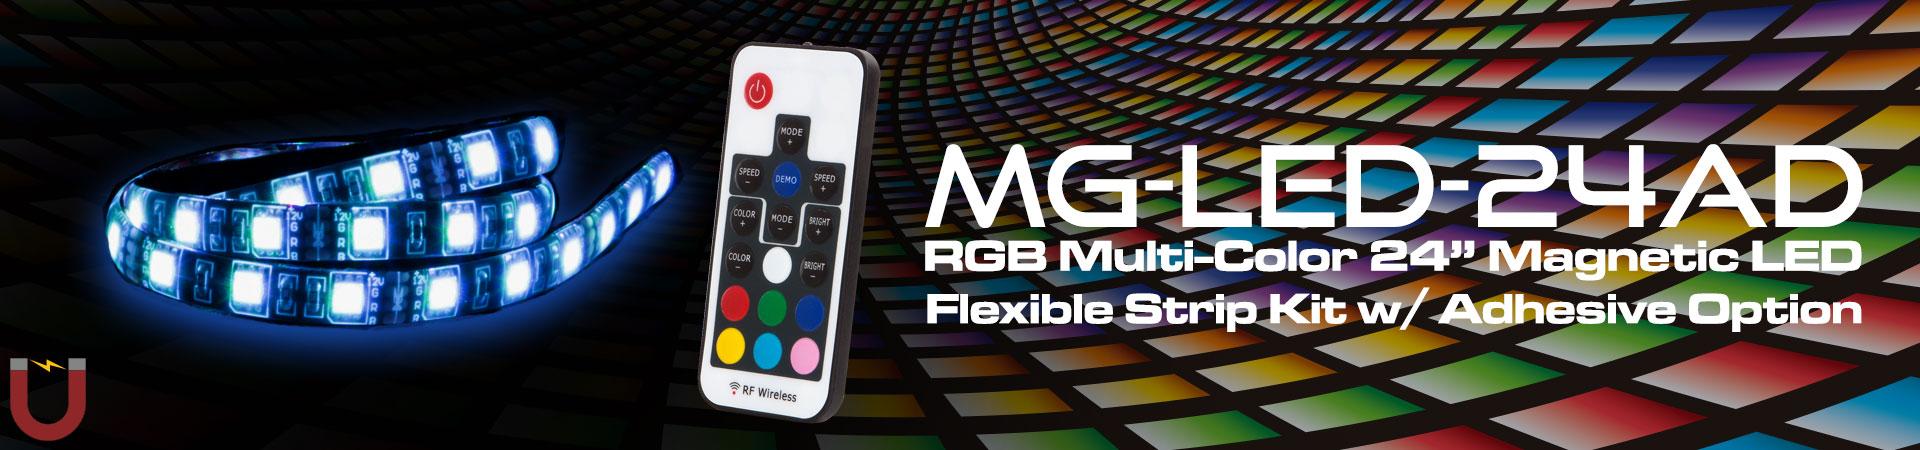 MG-LED-24AD_Banner3